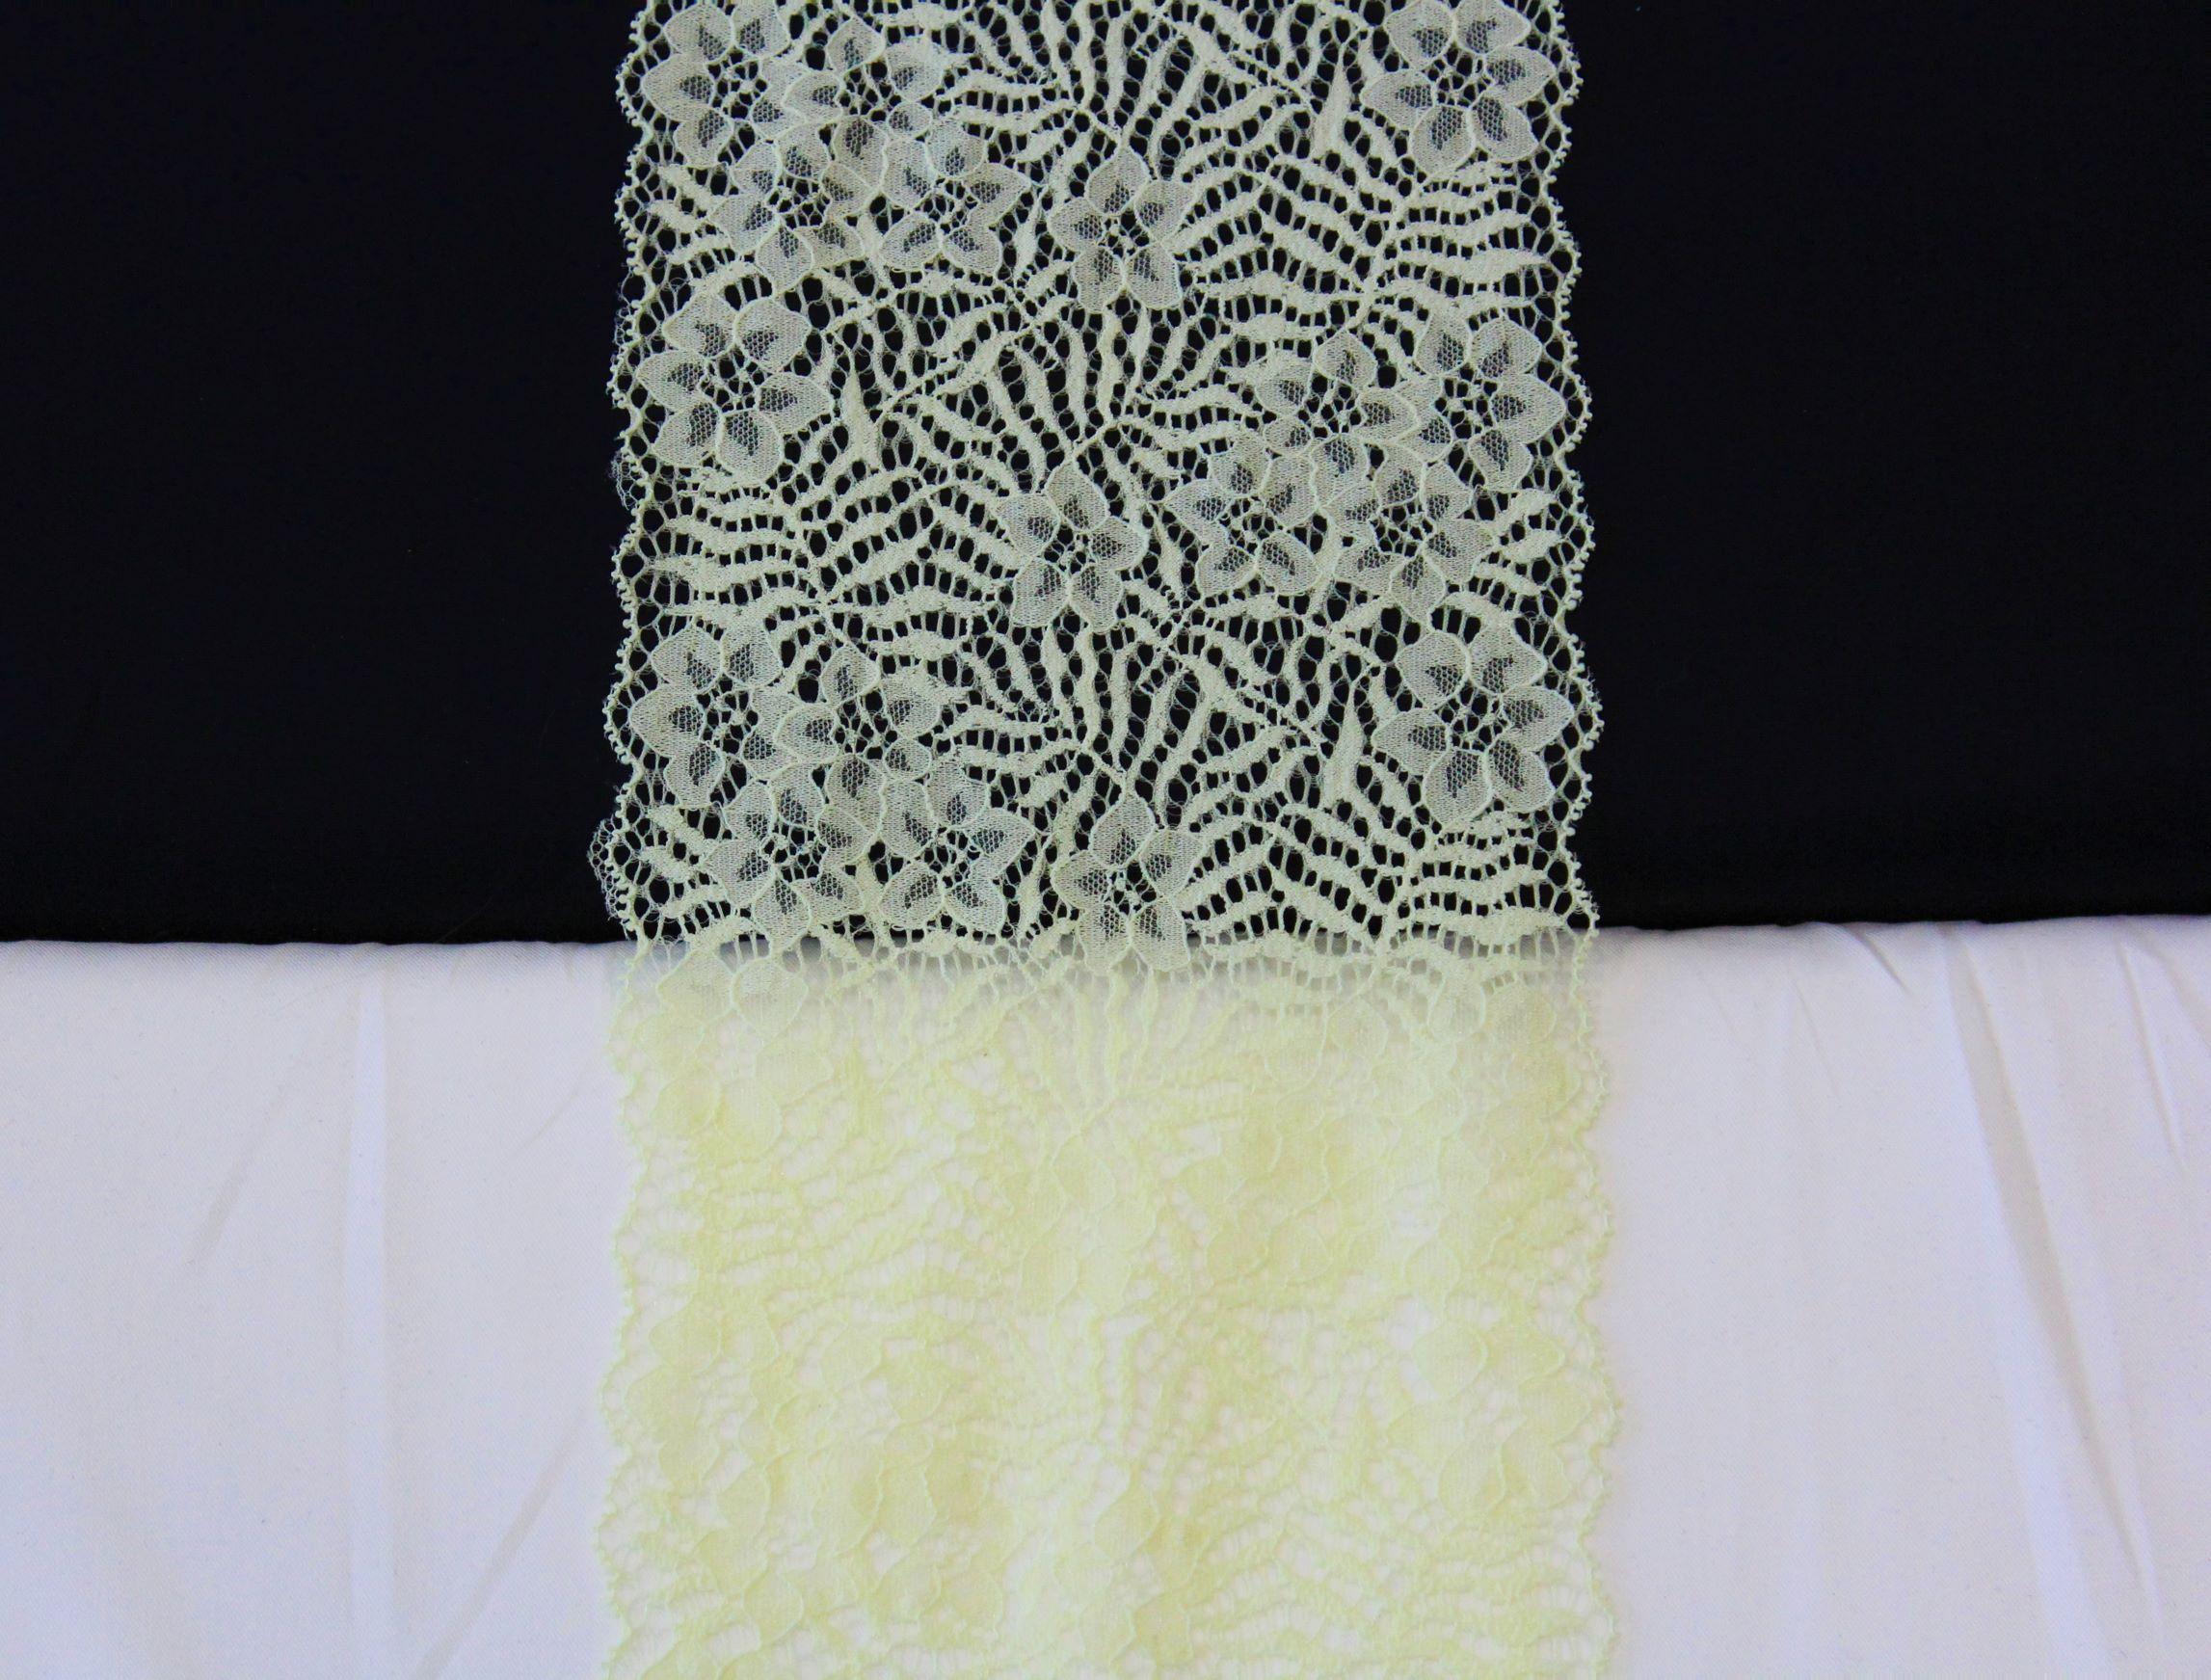 bloemenkant lichtgeel